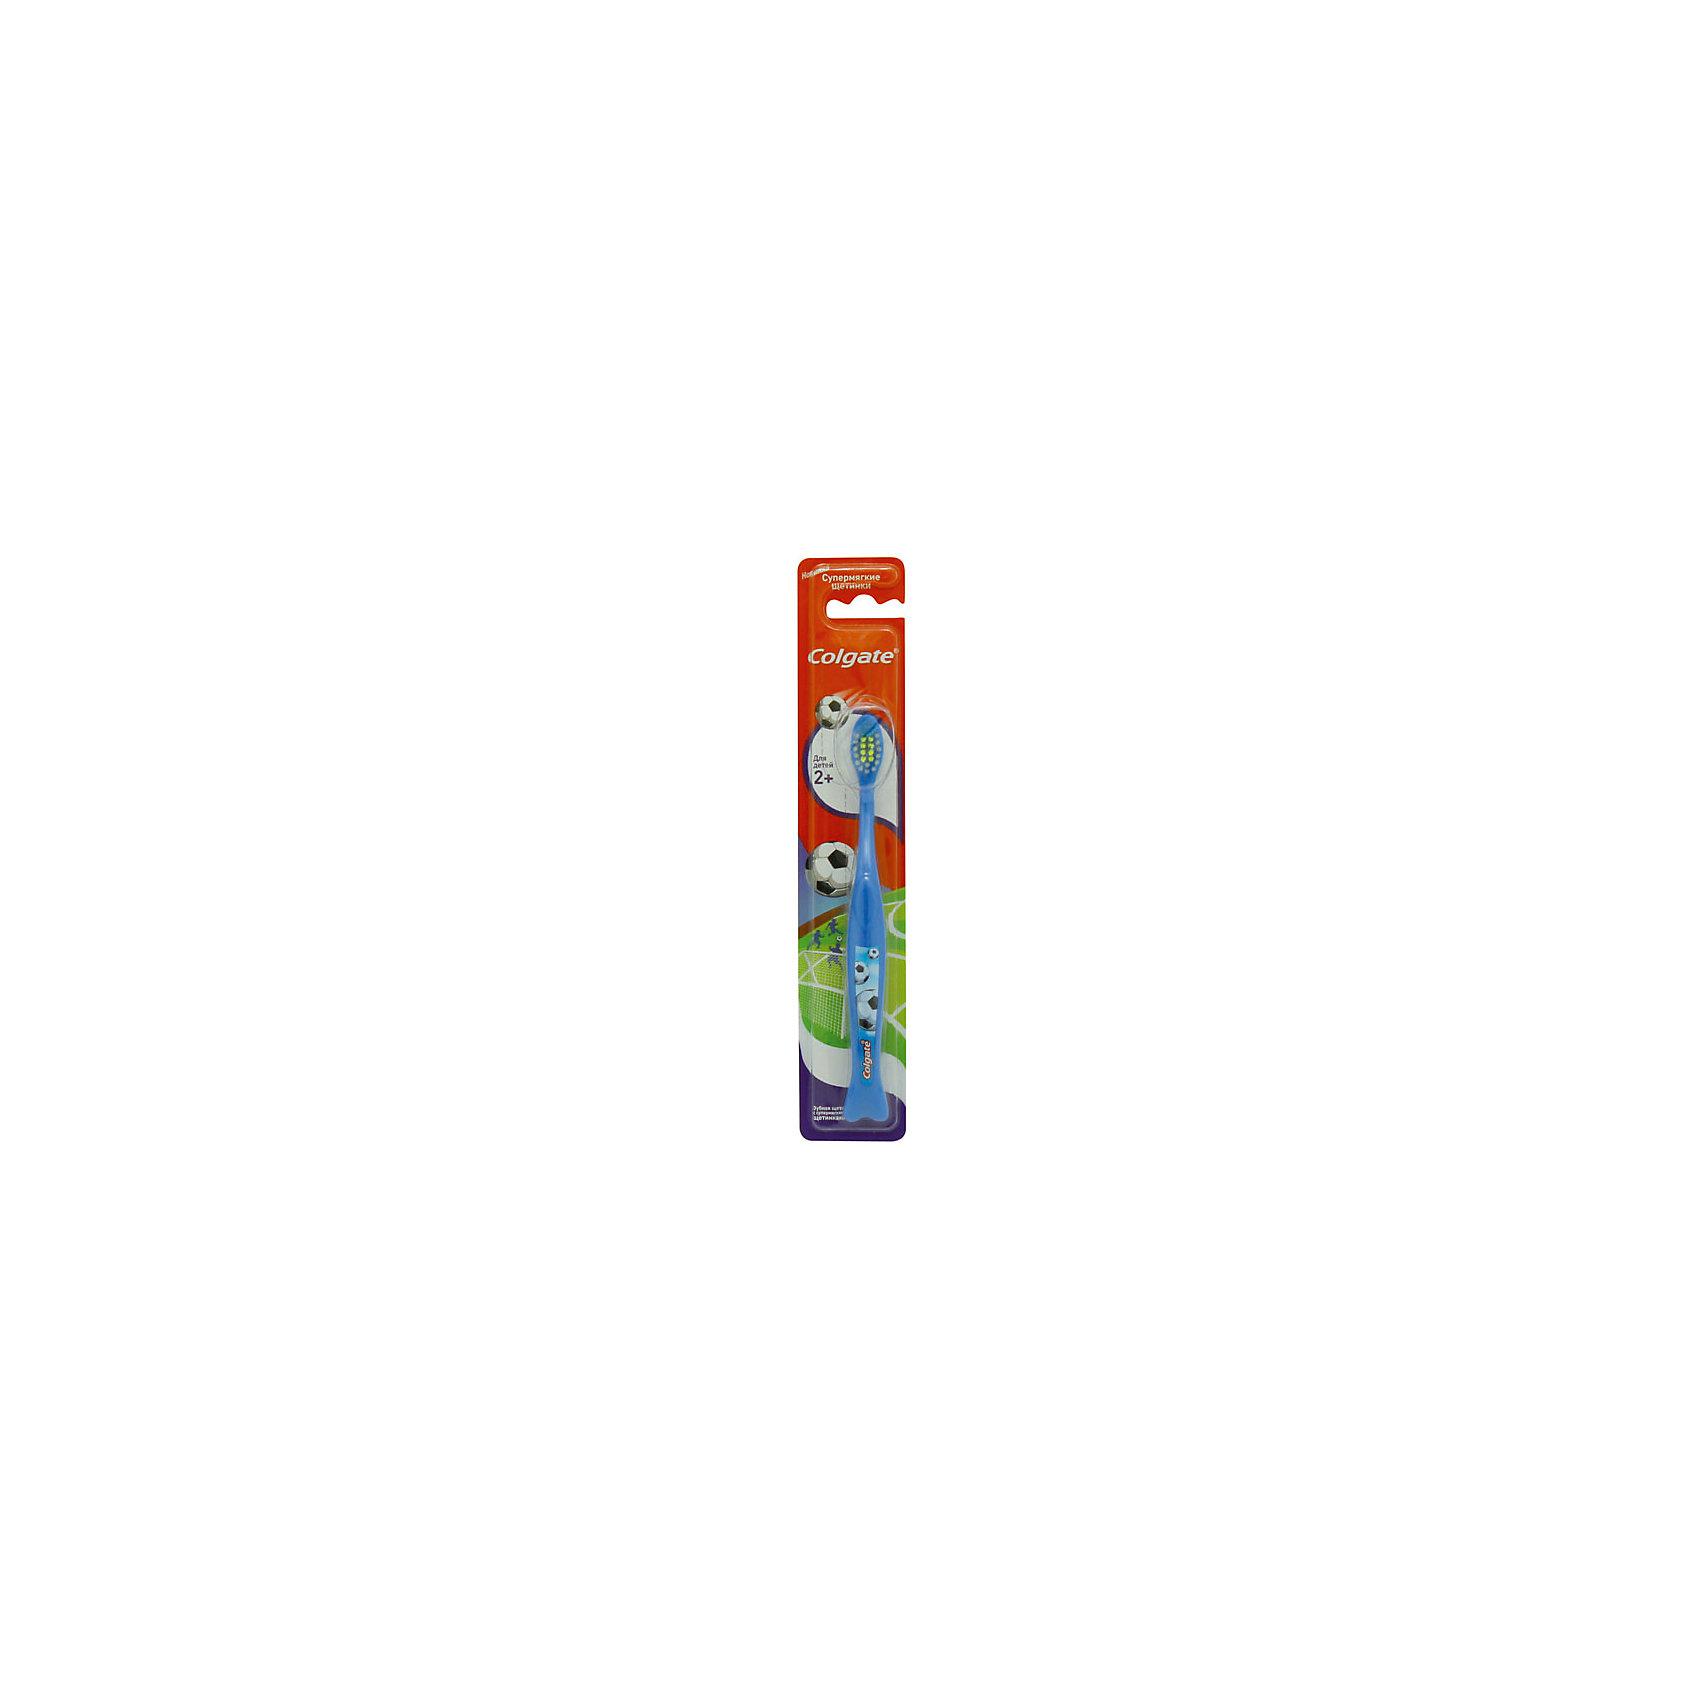 Зубная щётка супермягкая для детей от 2х лет, Colgate, синий